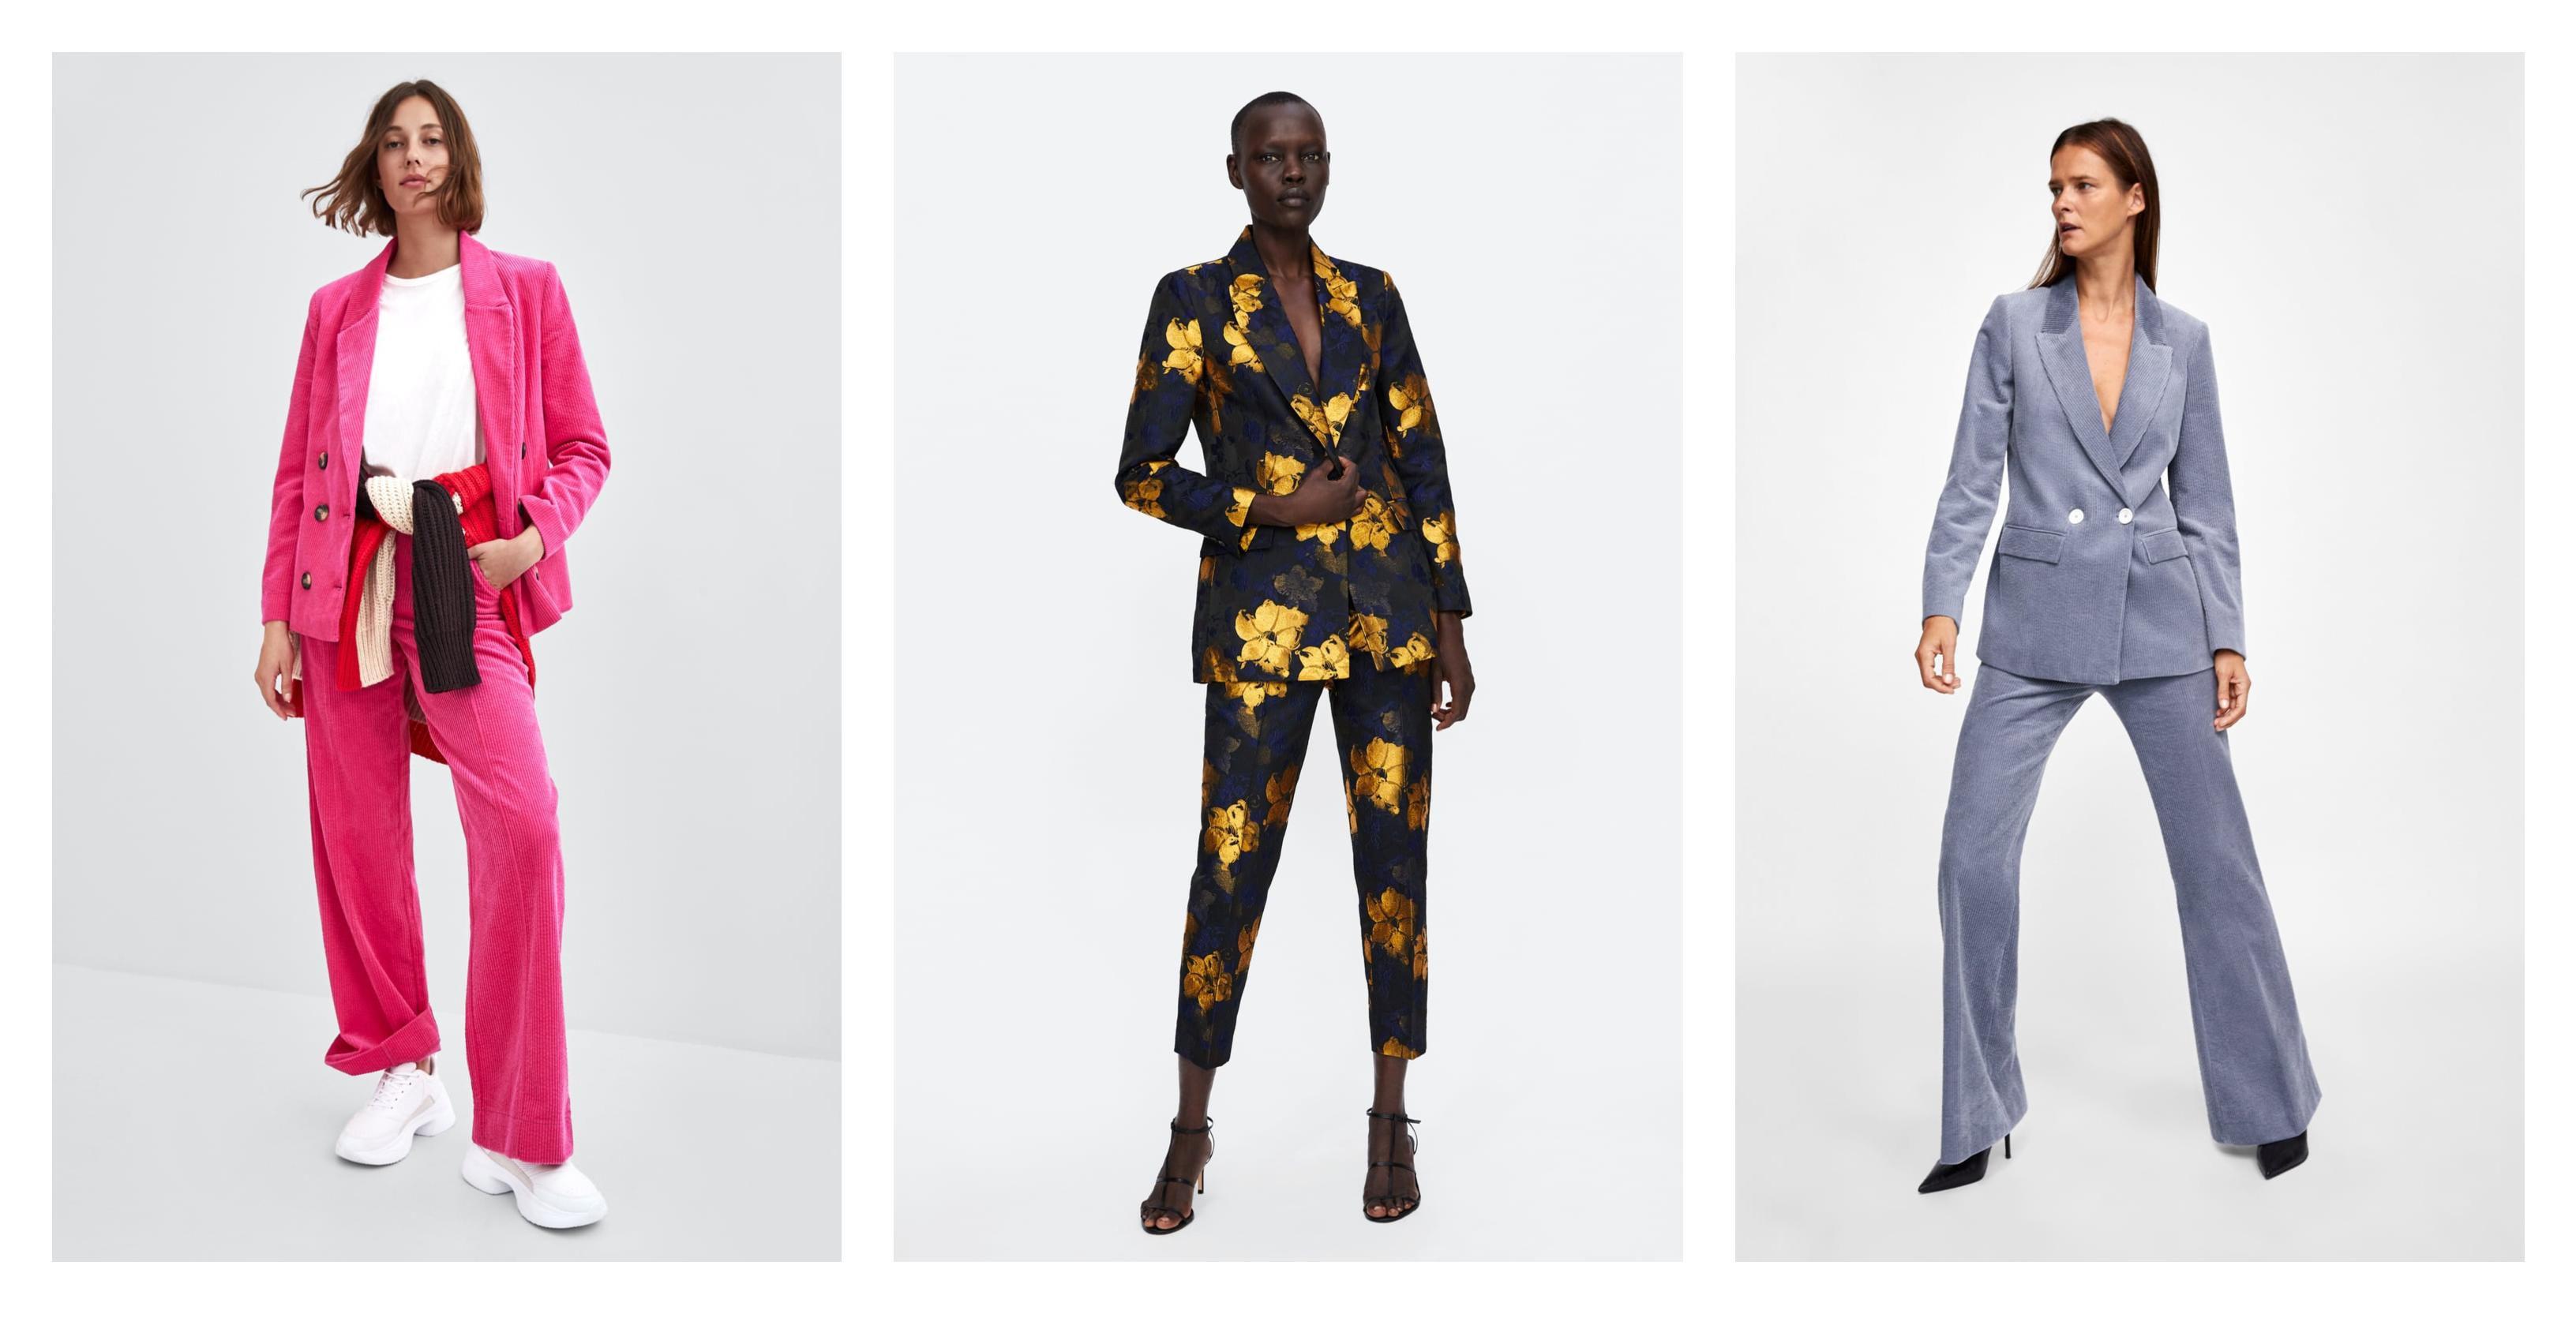 Ako još nemate odijelo, sad je pravo vrijeme da ga kupite! Izabrali smo najljepša iz Zare